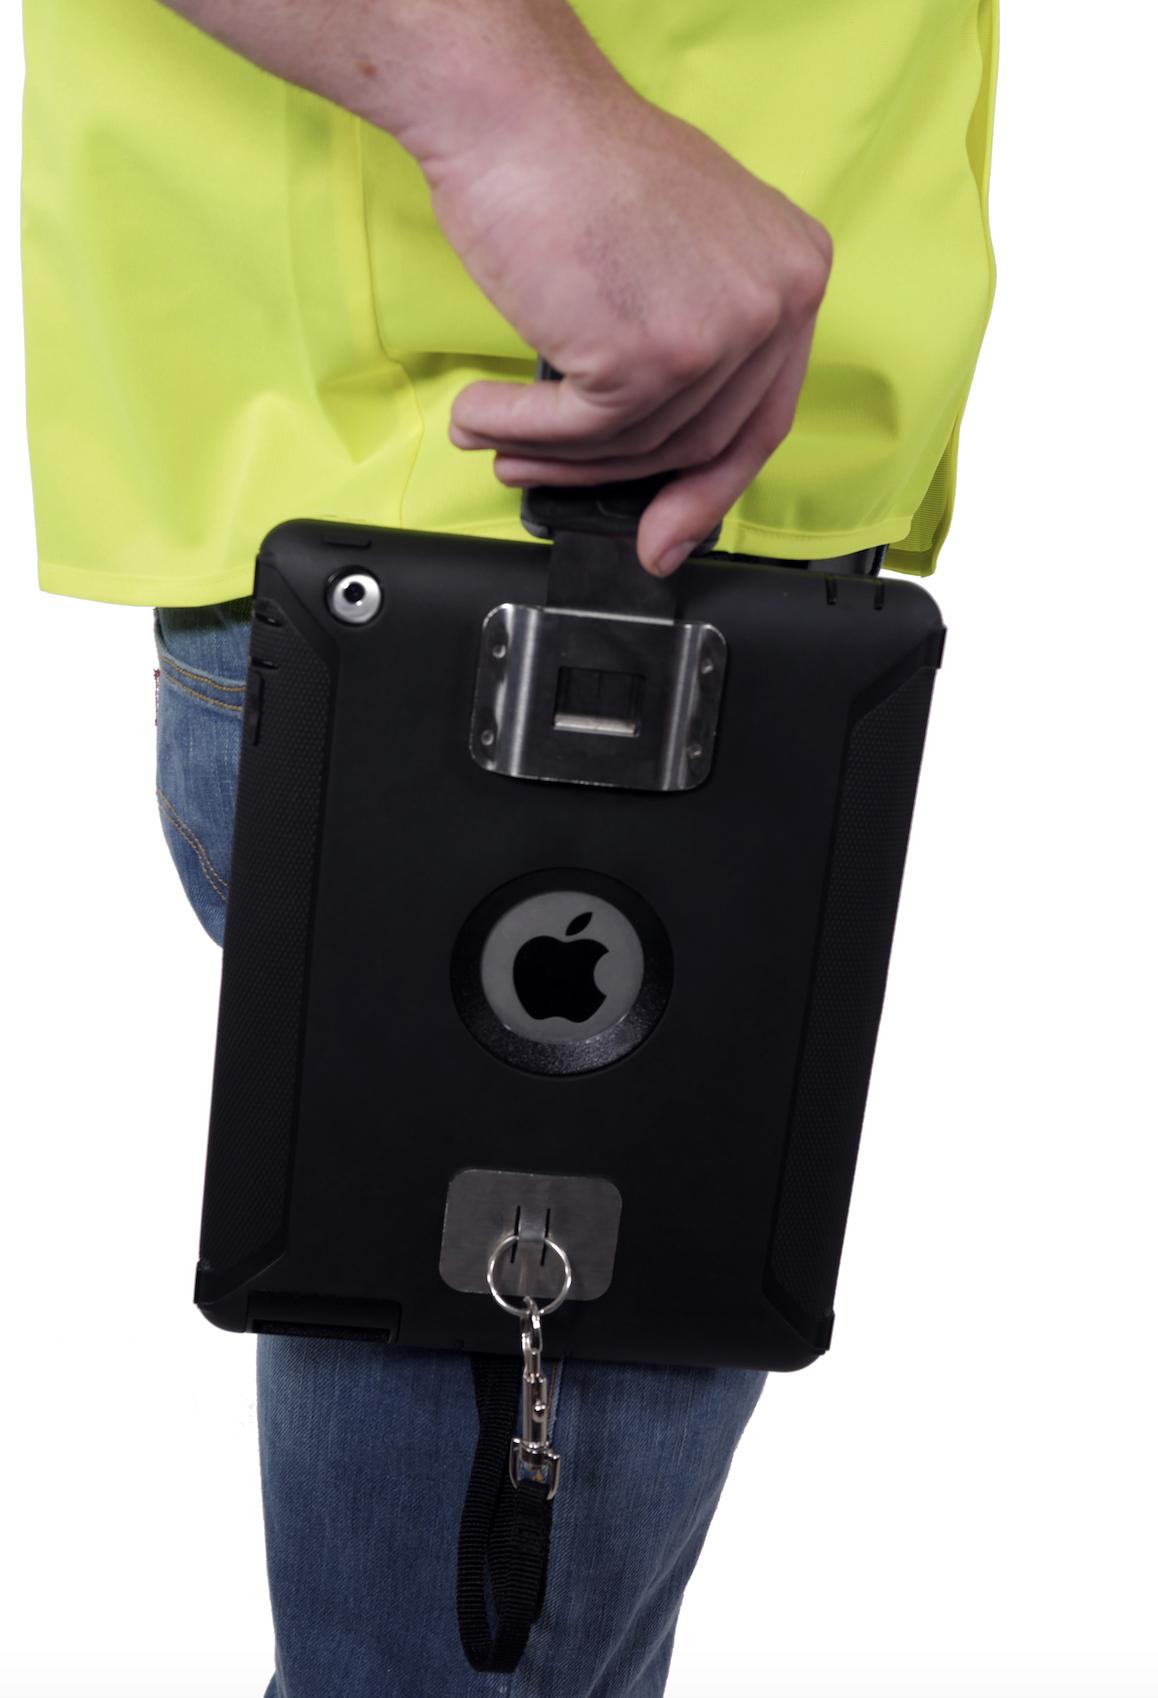 Runnur tablet clip